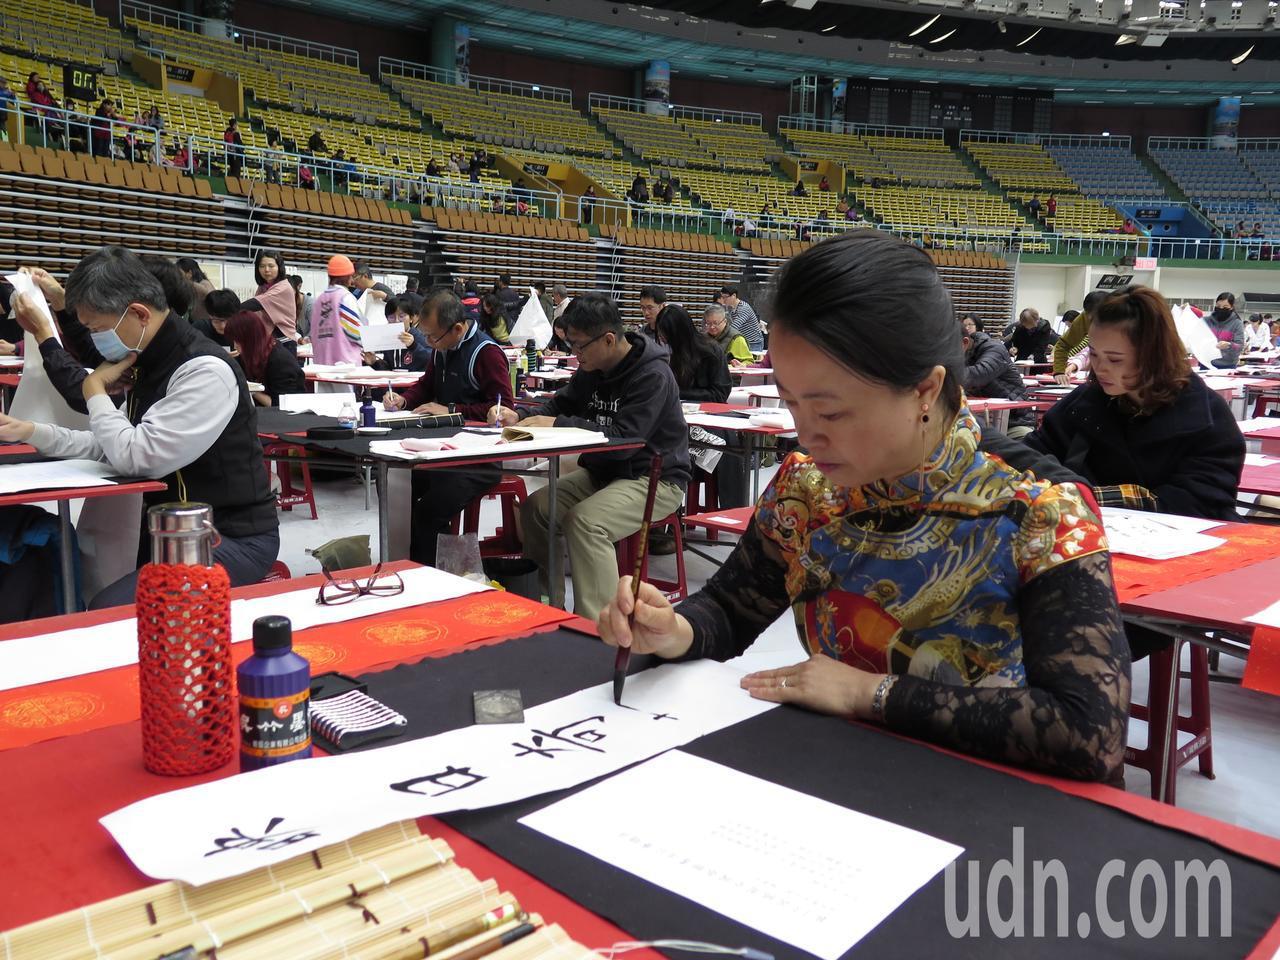 來自中國遼寧省的新住民王曉梅則身穿改良式旗袍,首度參賽。記者張裕珍/攝影